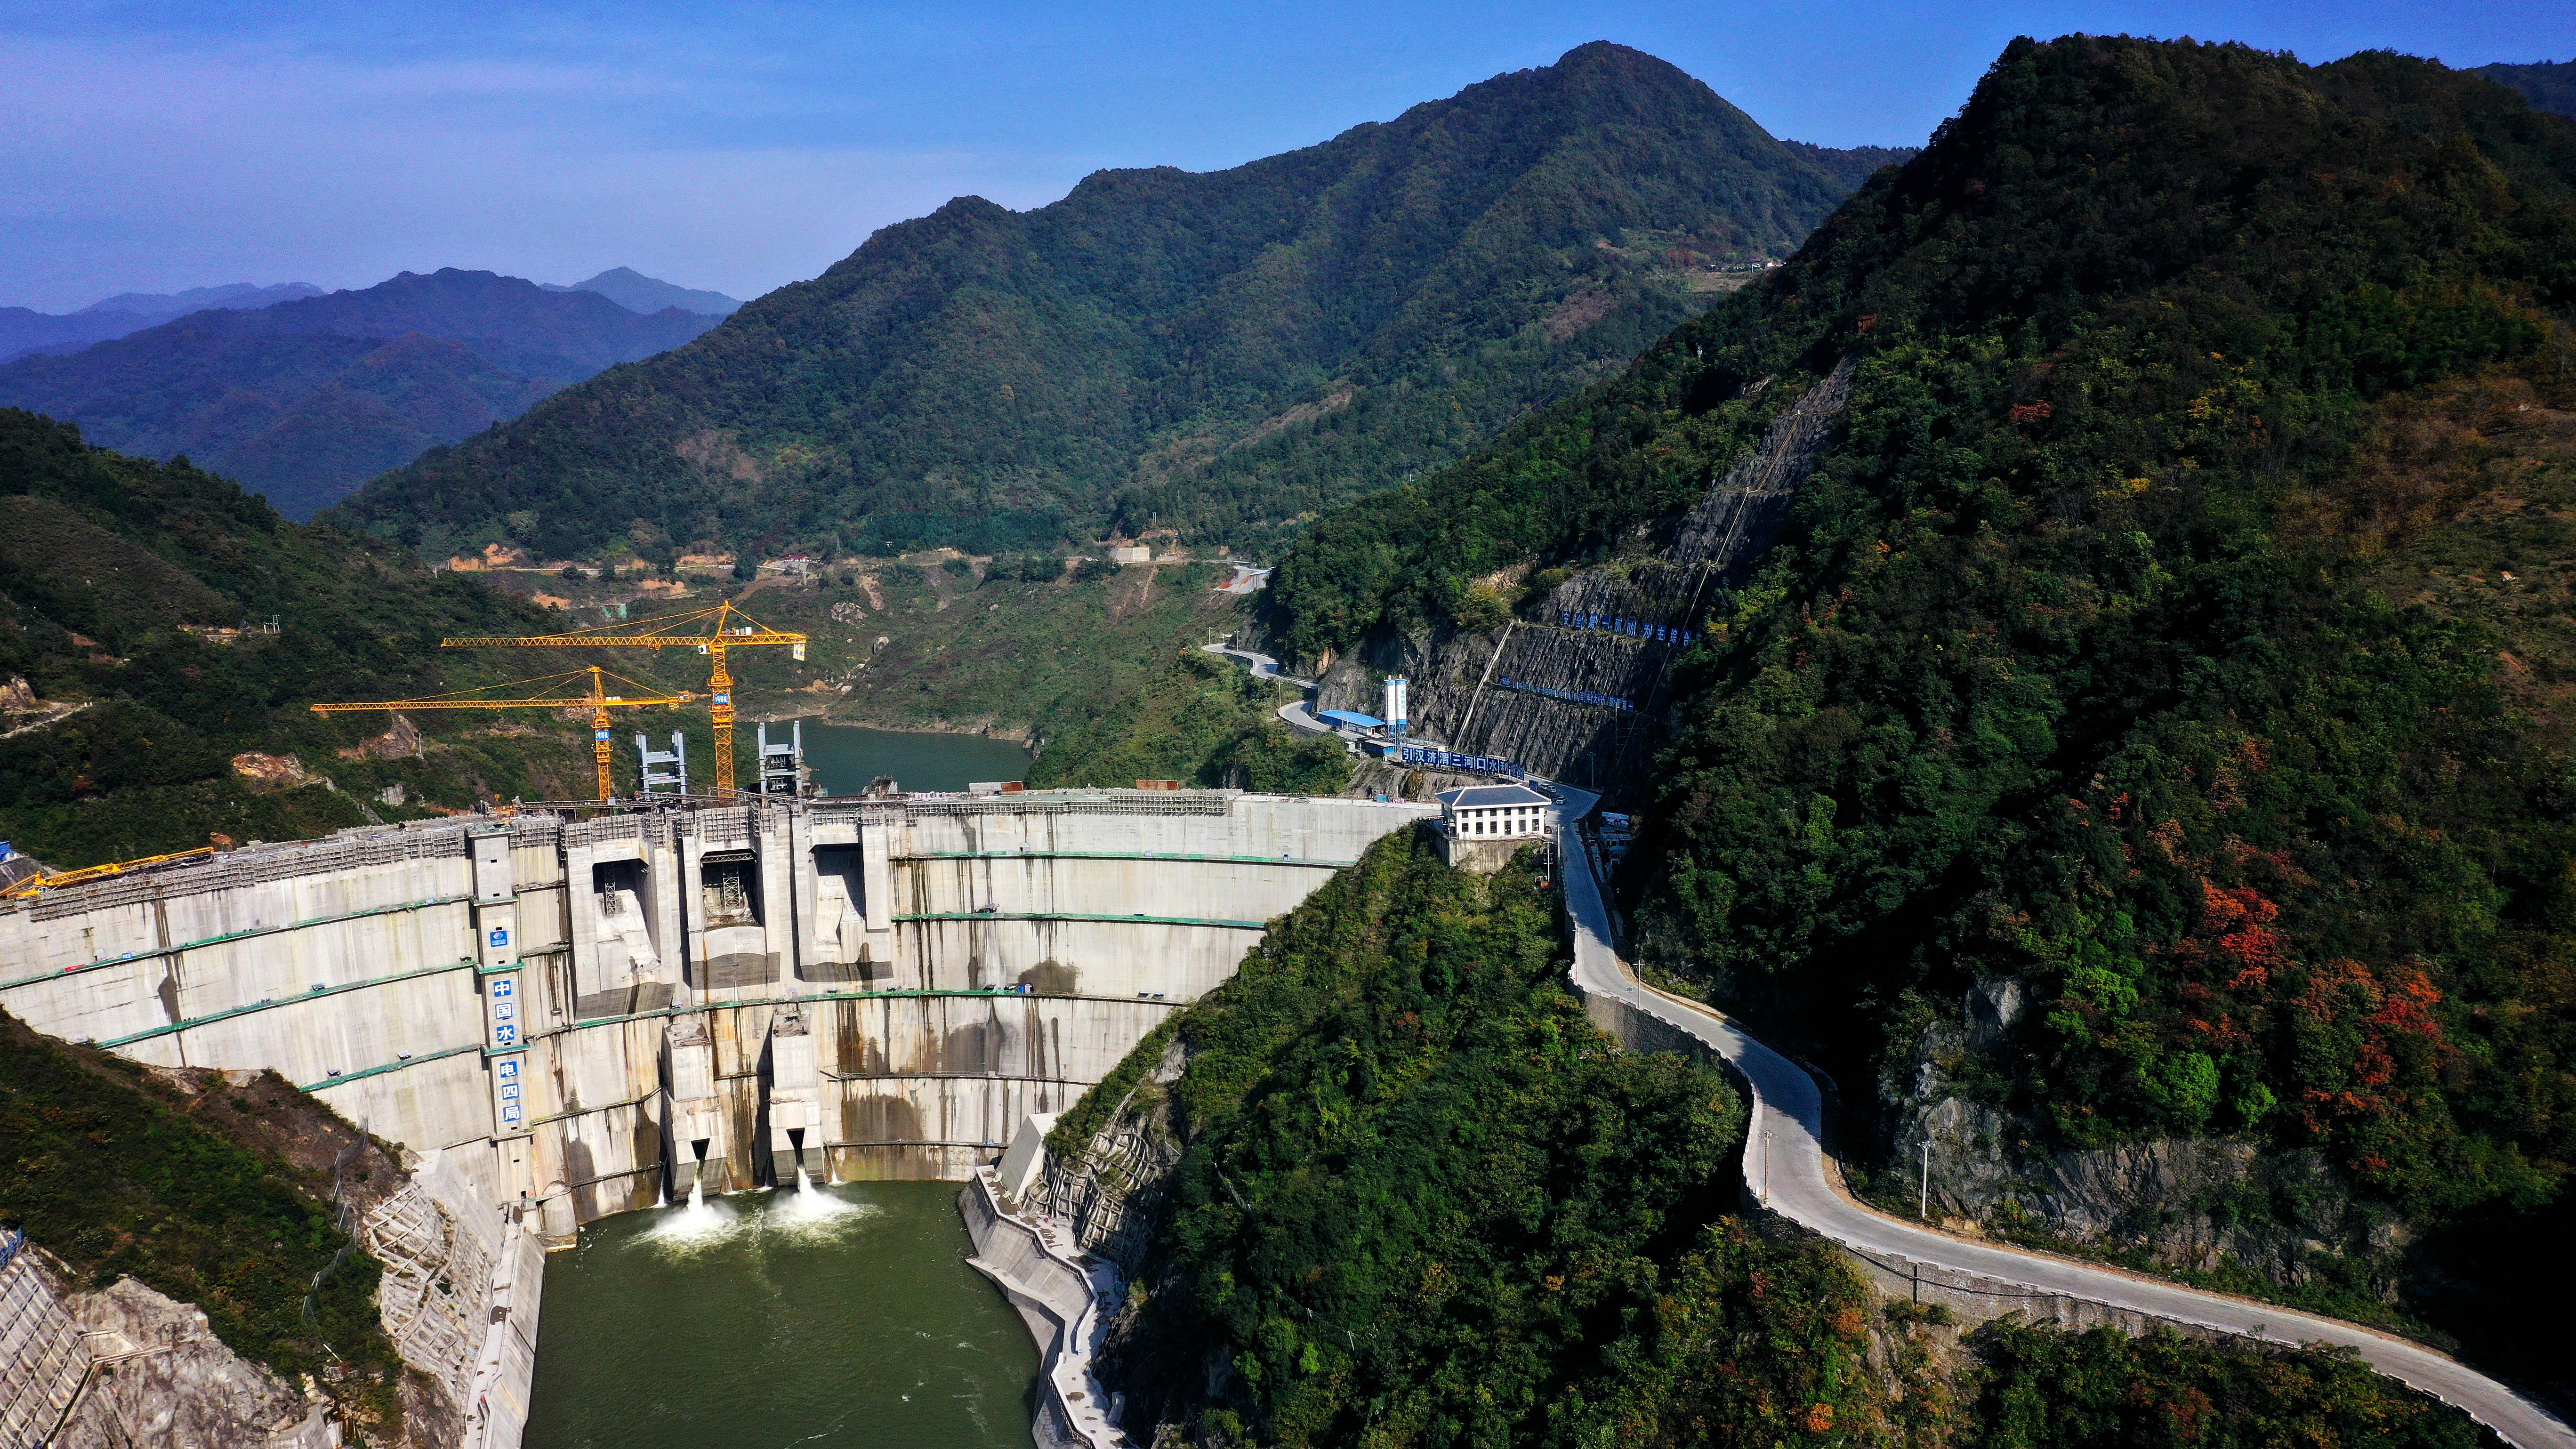 10月21日無人機拍攝到的建設中的引漢濟渭工程三河口水利樞紐。(新華社)